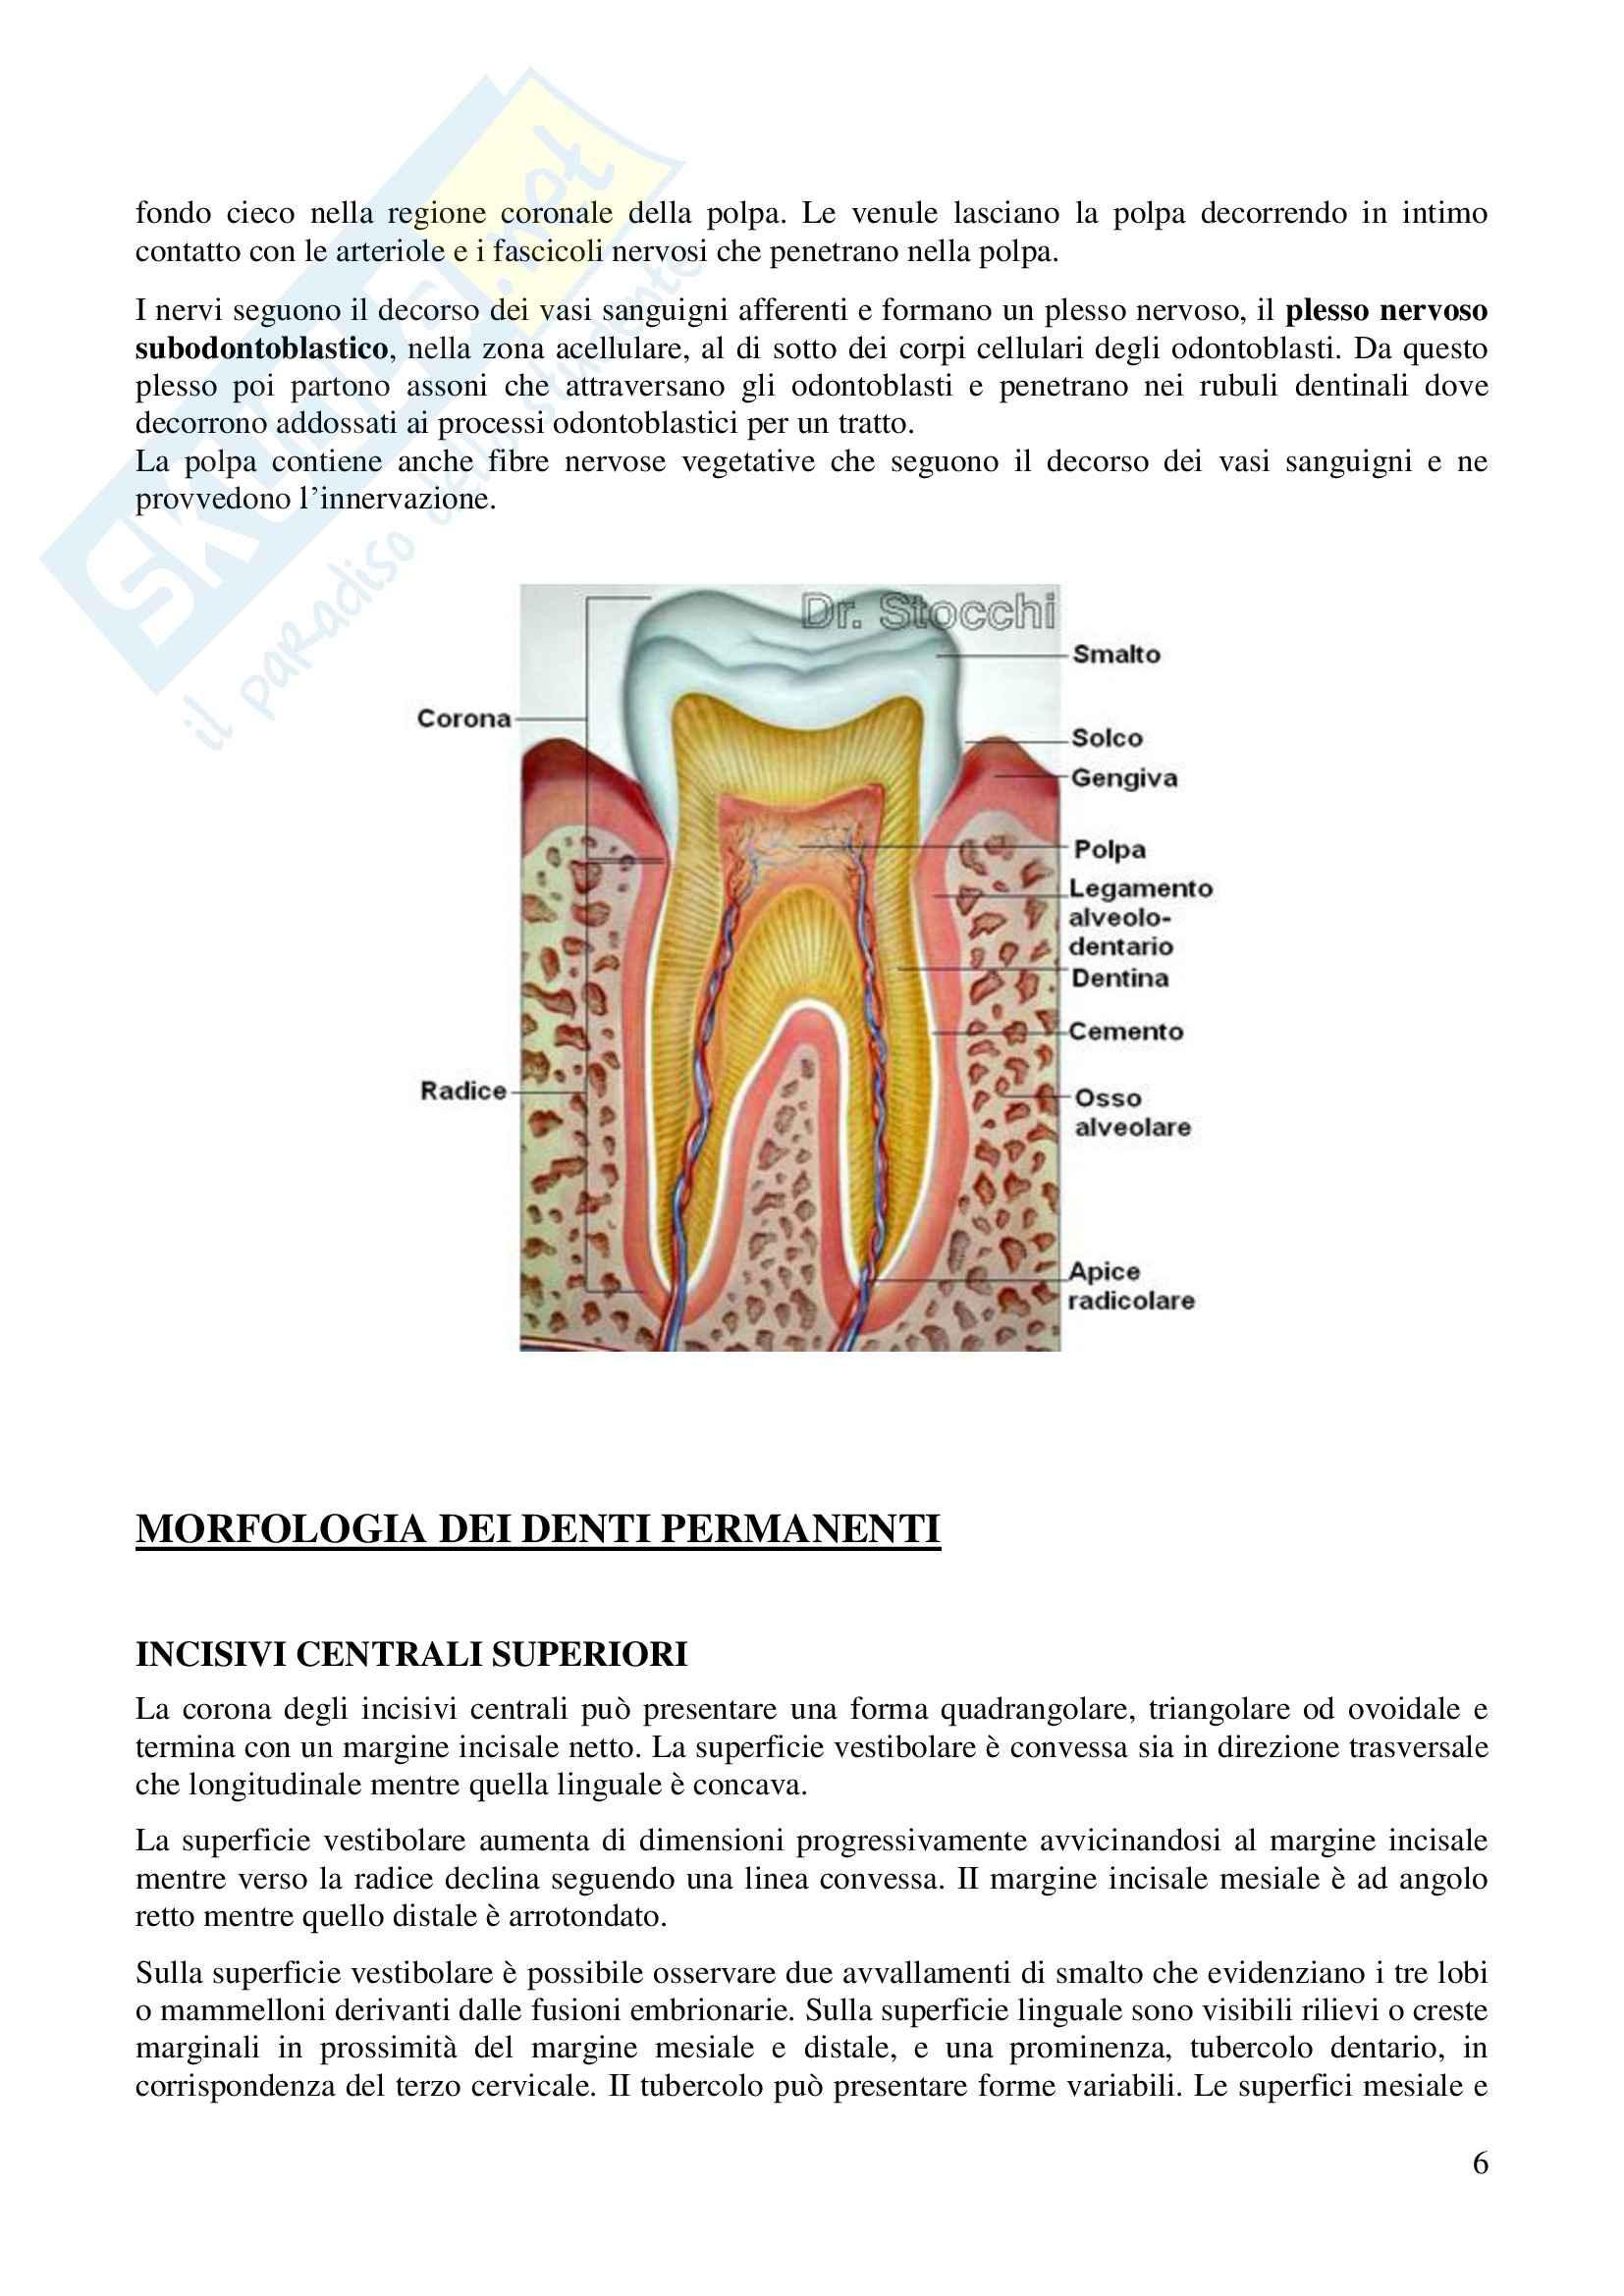 Denti, Anatomia dell'Apparato stomatognatico Pag. 6